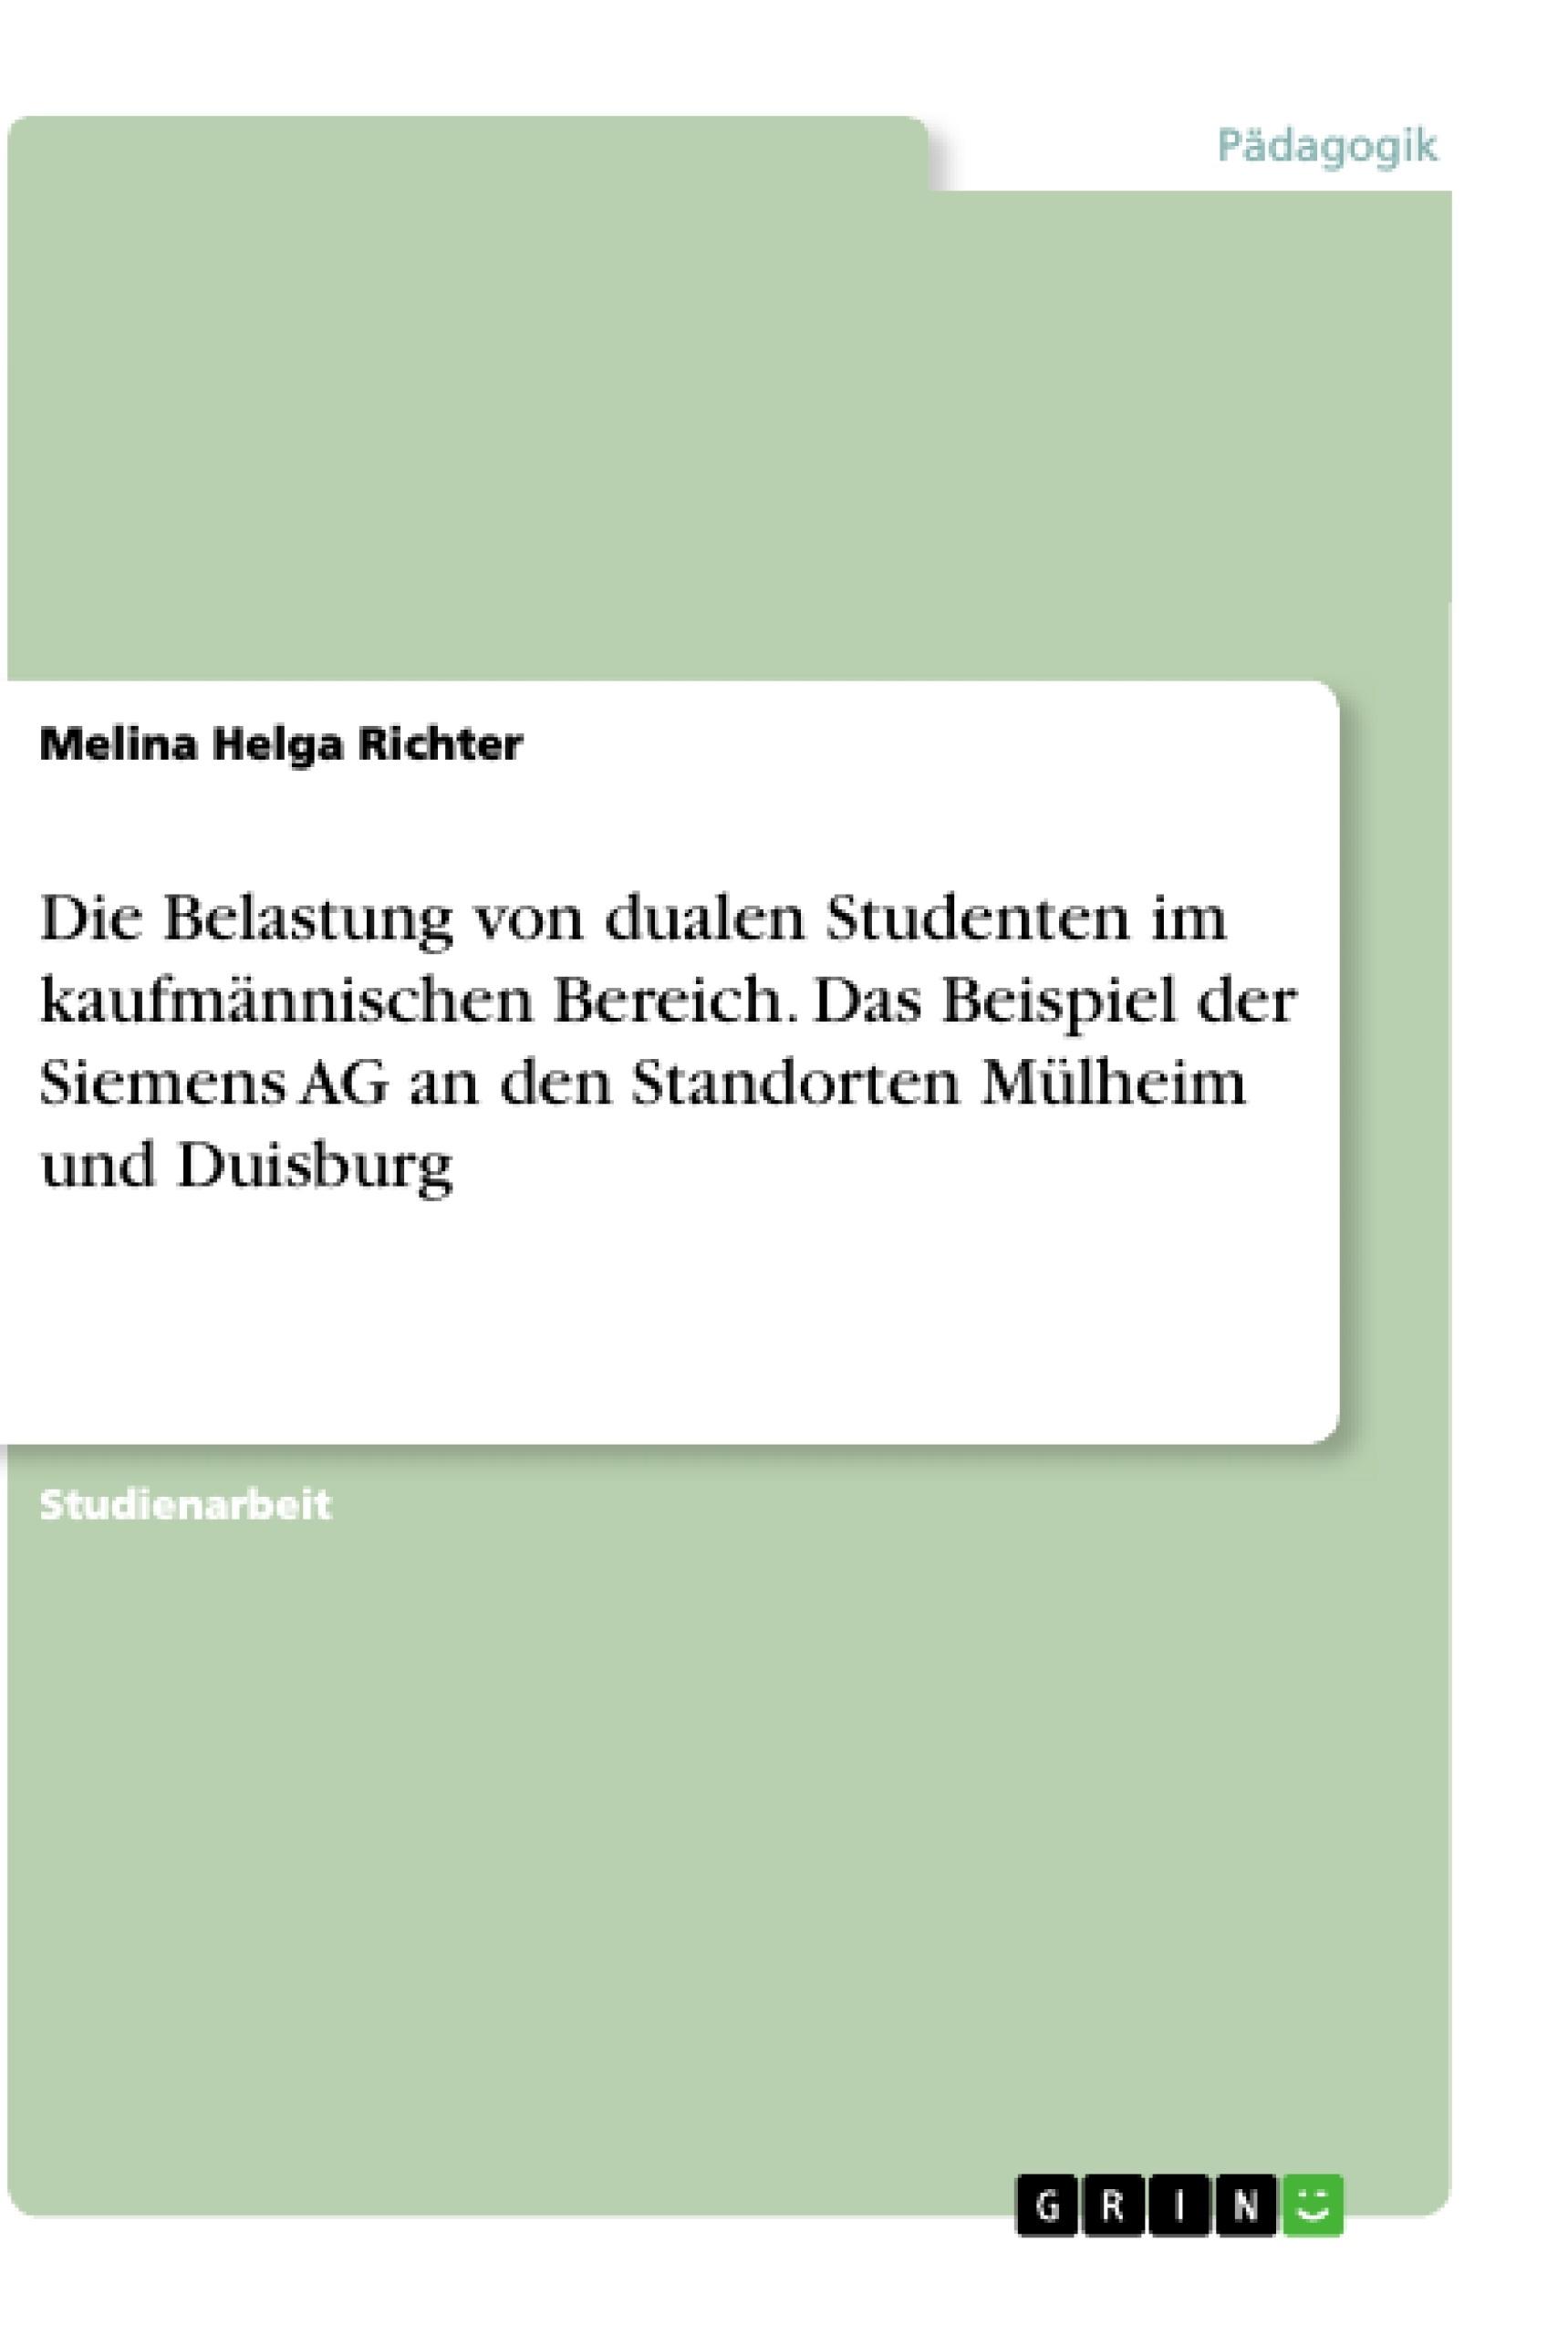 Titel: Die Belastung von dualen Studenten im kaufmännischen Bereich. Das Beispiel der Siemens AG an den Standorten Mülheim und Duisburg